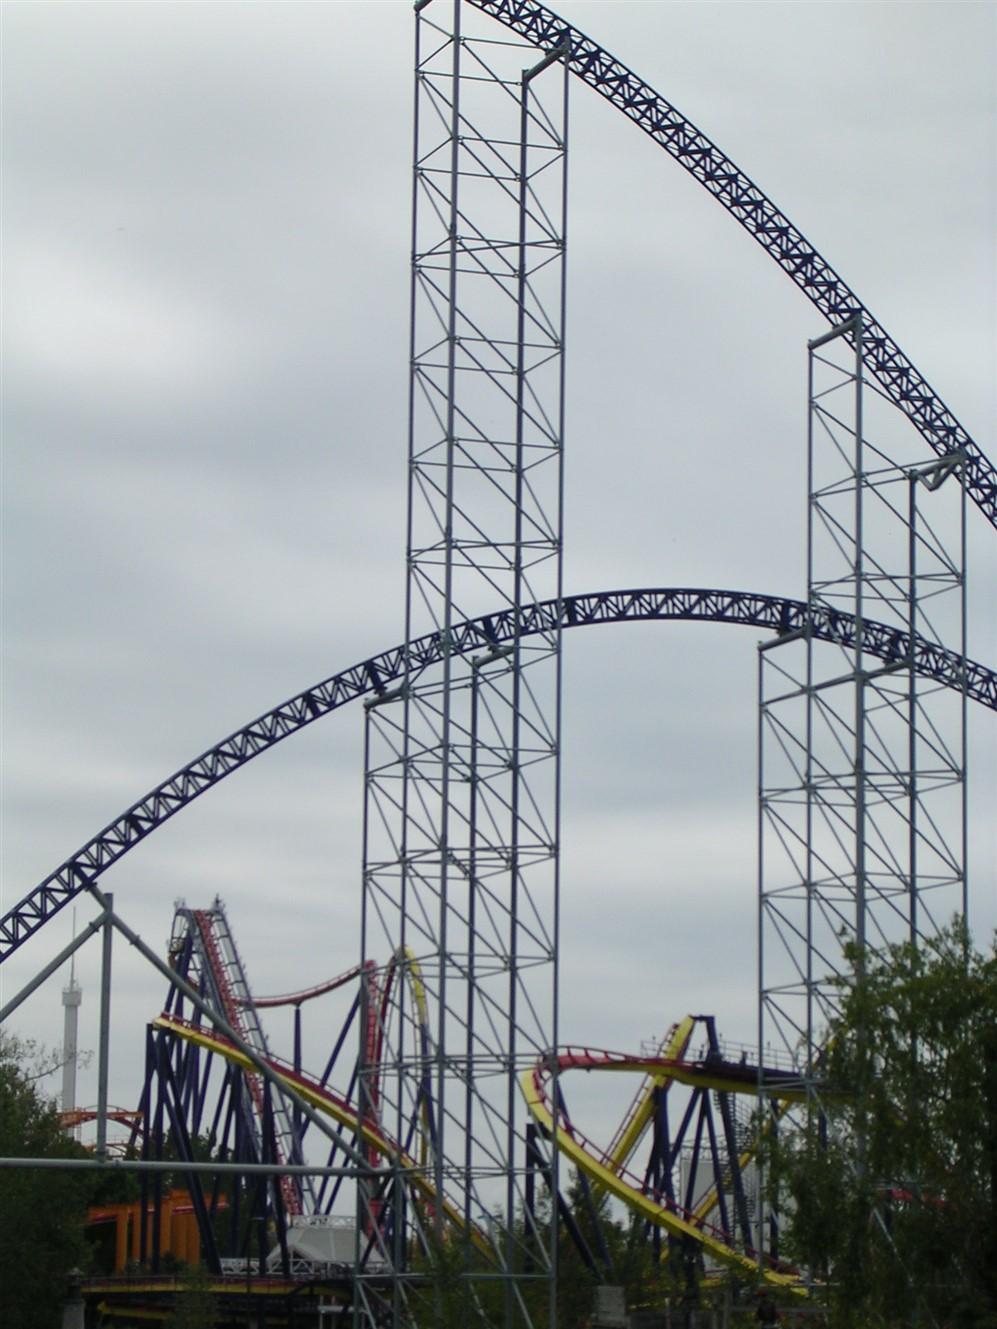 2005 06 03 Cedar Point 22.jpg